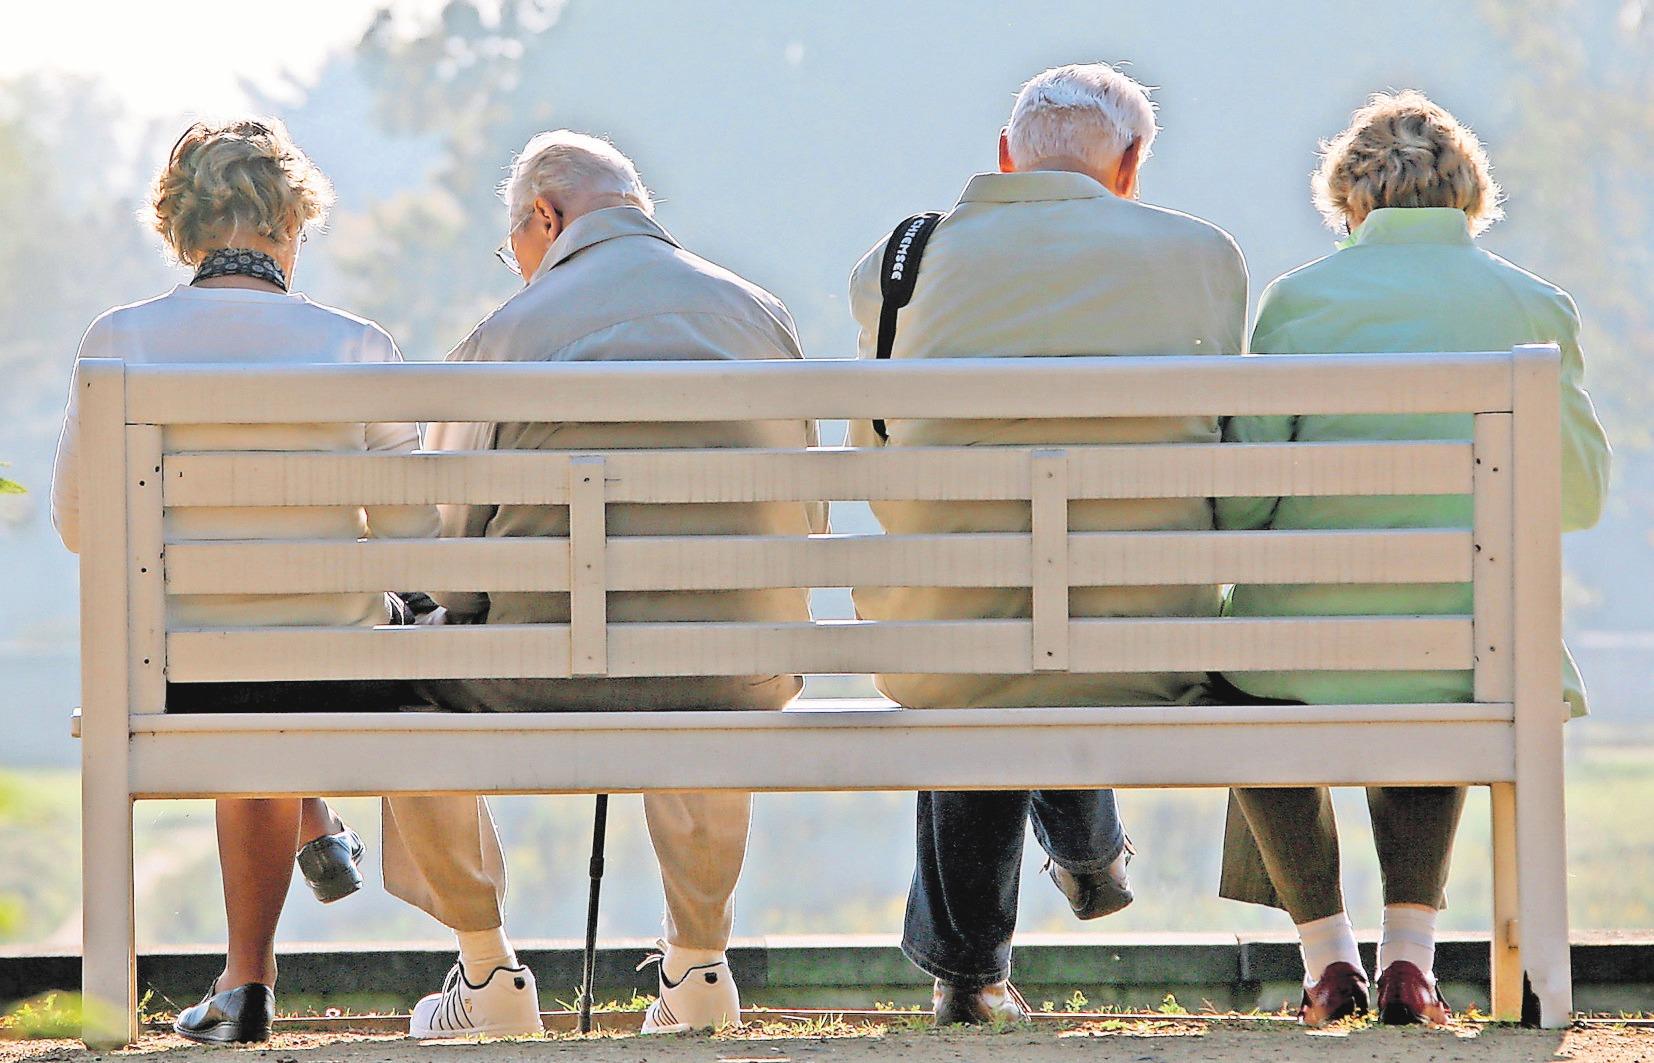 Eine private Rentenversicherung bietet viele Möglichkeiten, um seinen bisherigen Lebensstandard im Alter halten zu können. FOTO: DPA